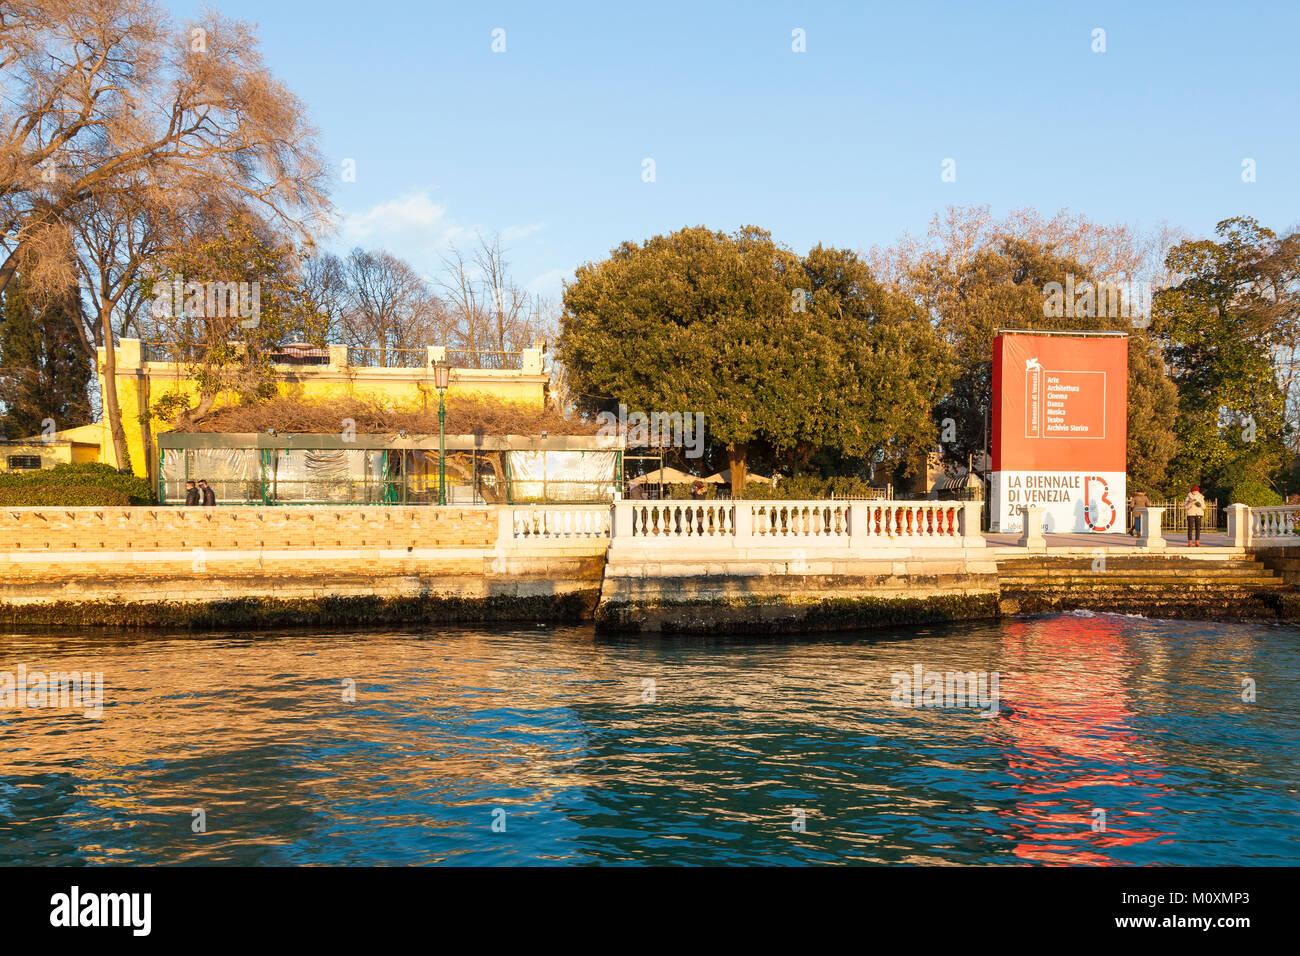 I Giardini Pubblici o Bieannale giardini con thei segnaletica e il popolare Cafe Paradiso al tramonto dalla laguna, Castello, Venezia, Veneto, Italia Foto Stock